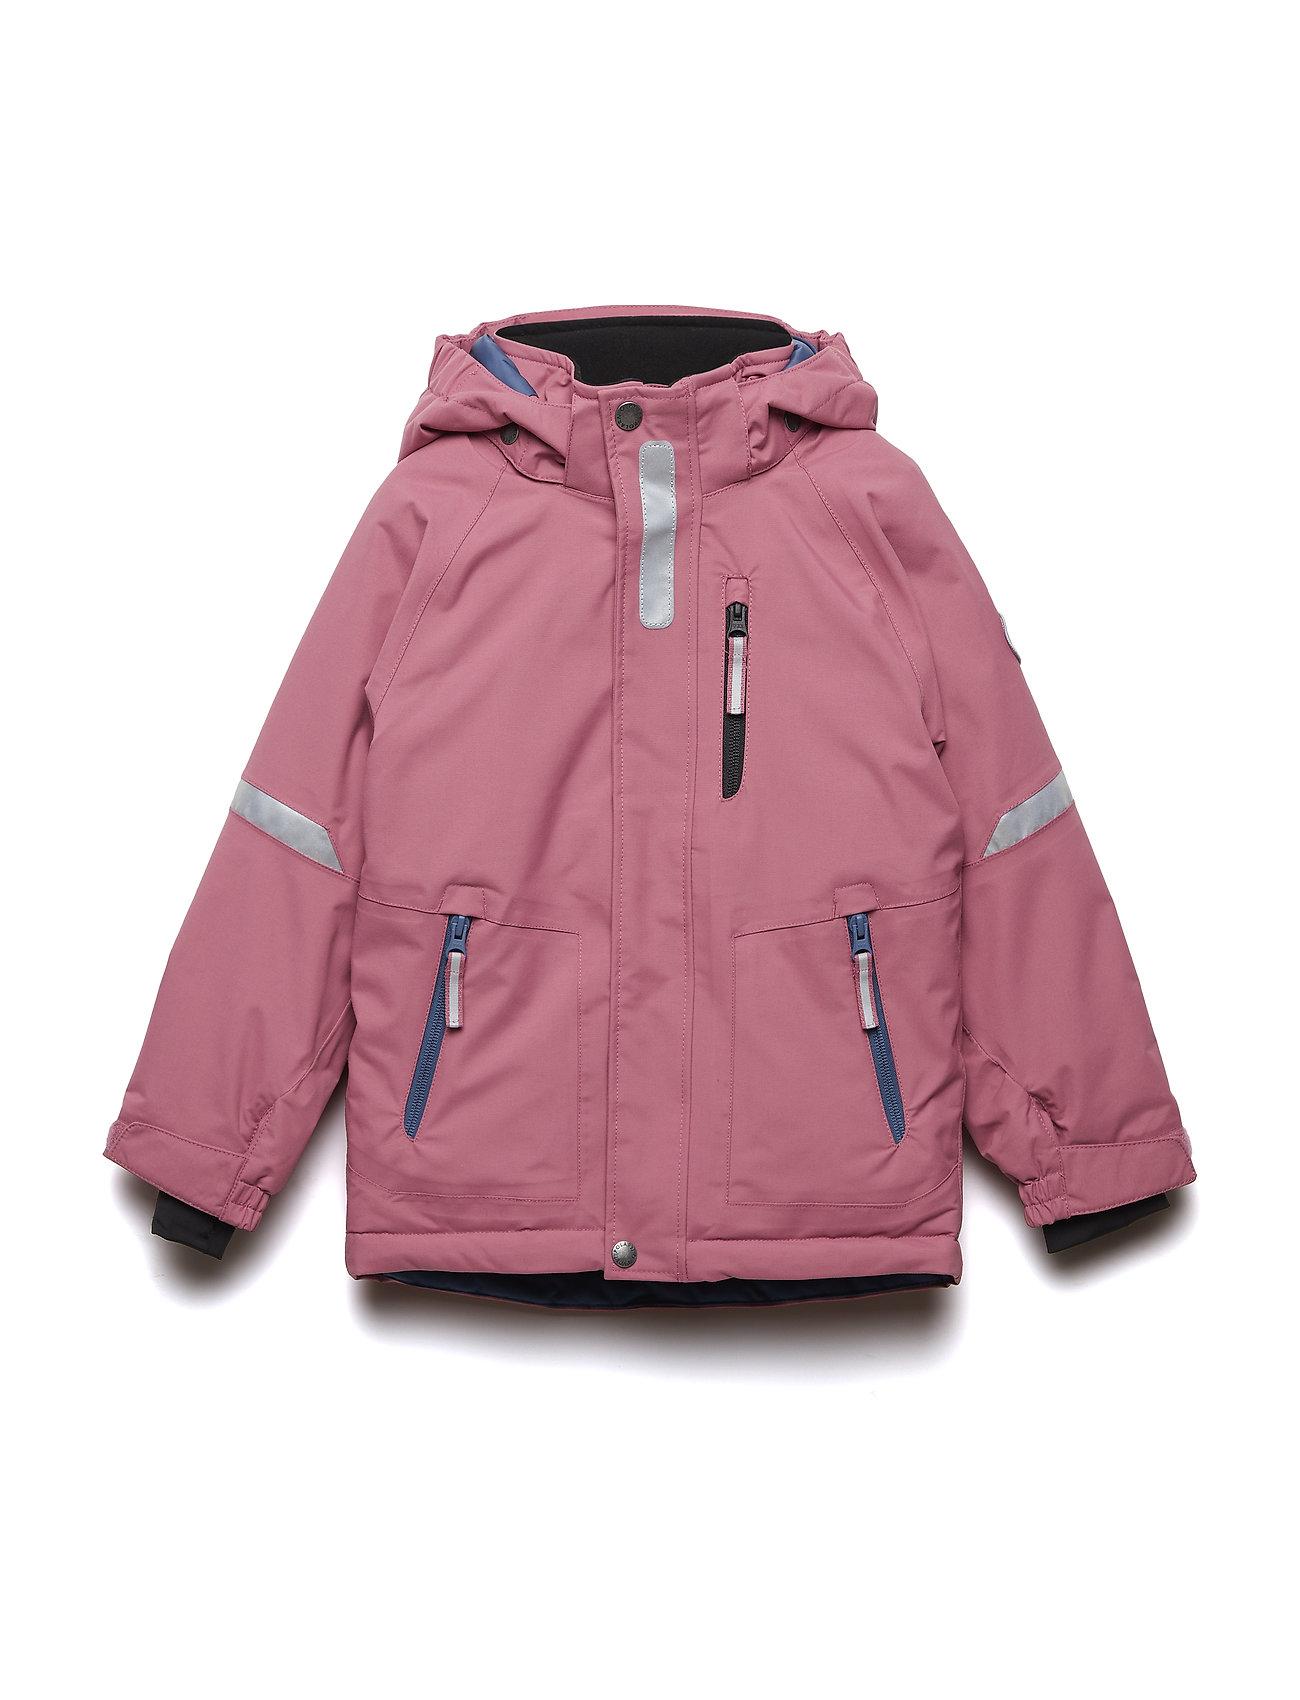 Polarn O. Pyret Jacket Padded Solid PreSchool